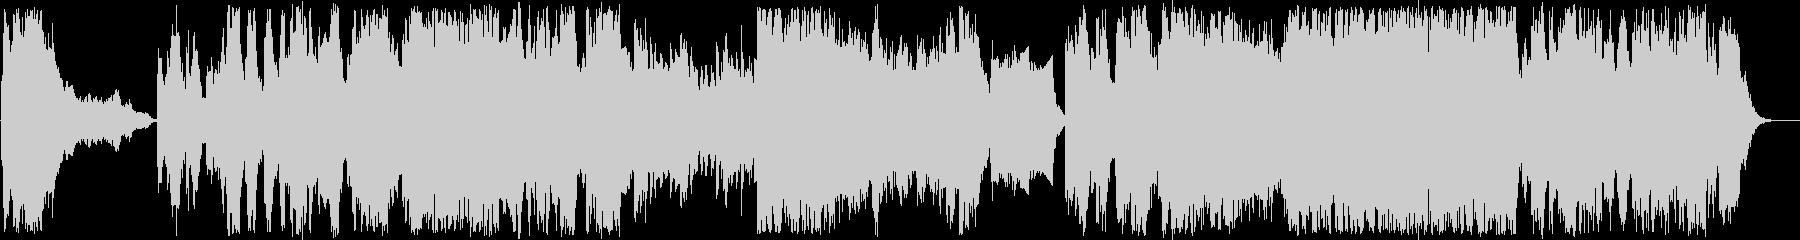 上品で高貴なシュトラウス風ワルツ の未再生の波形